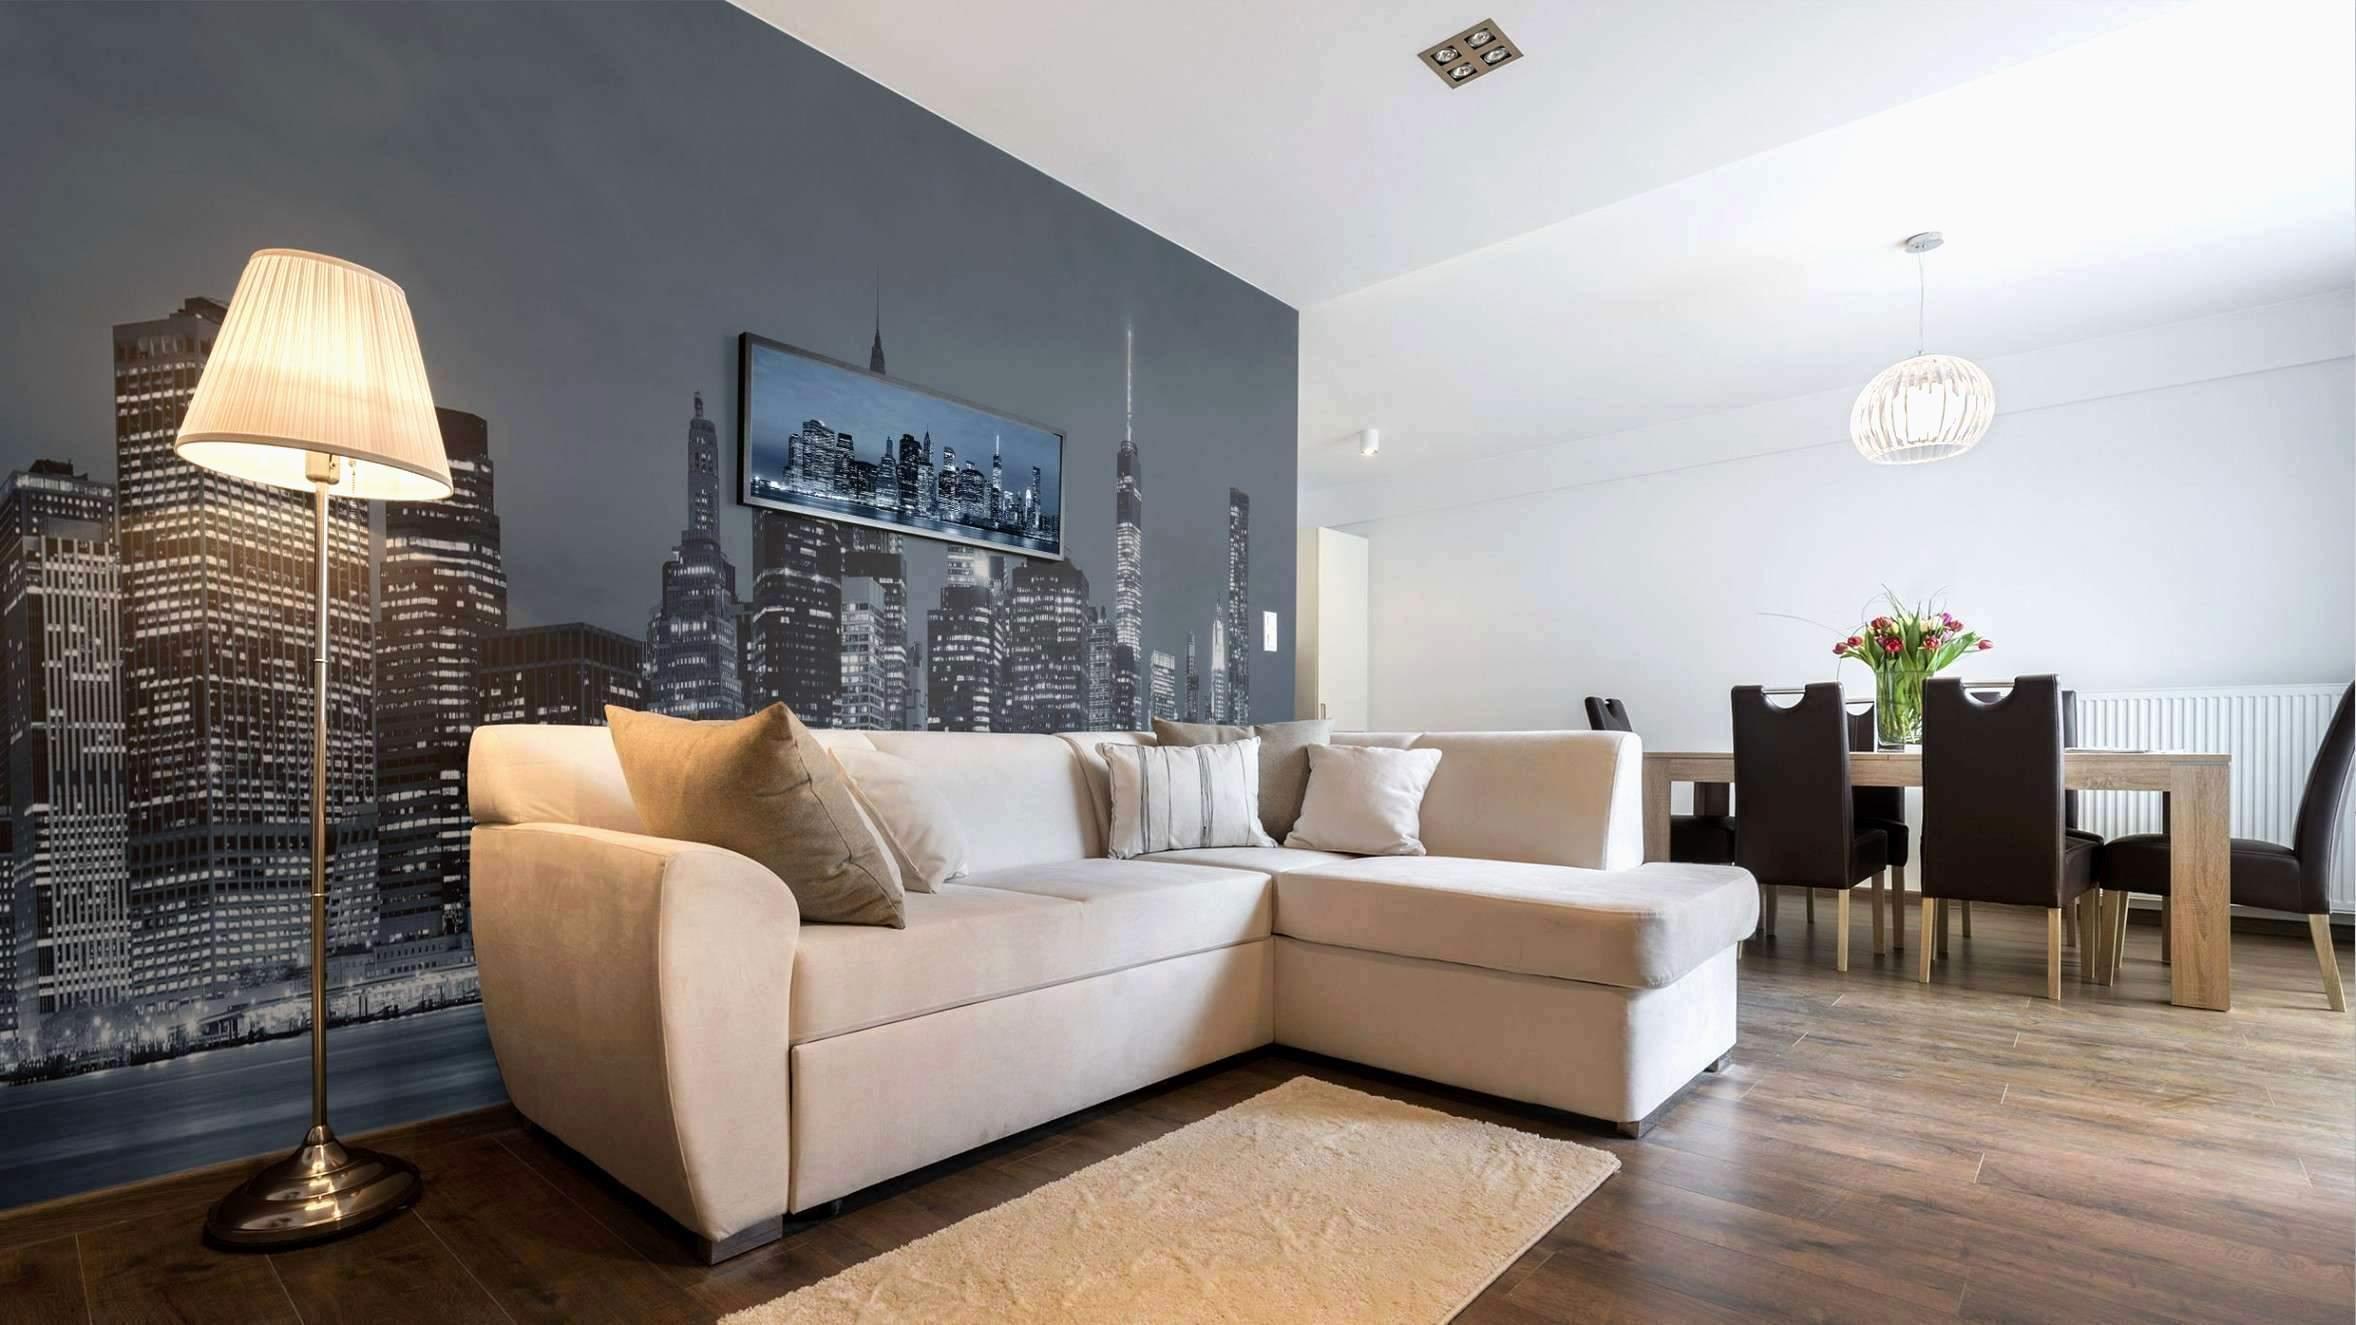 garten gestalten mit steinen neu 32 luxus wohnideen wohnzimmer modern schon of garten gestalten mit steinen